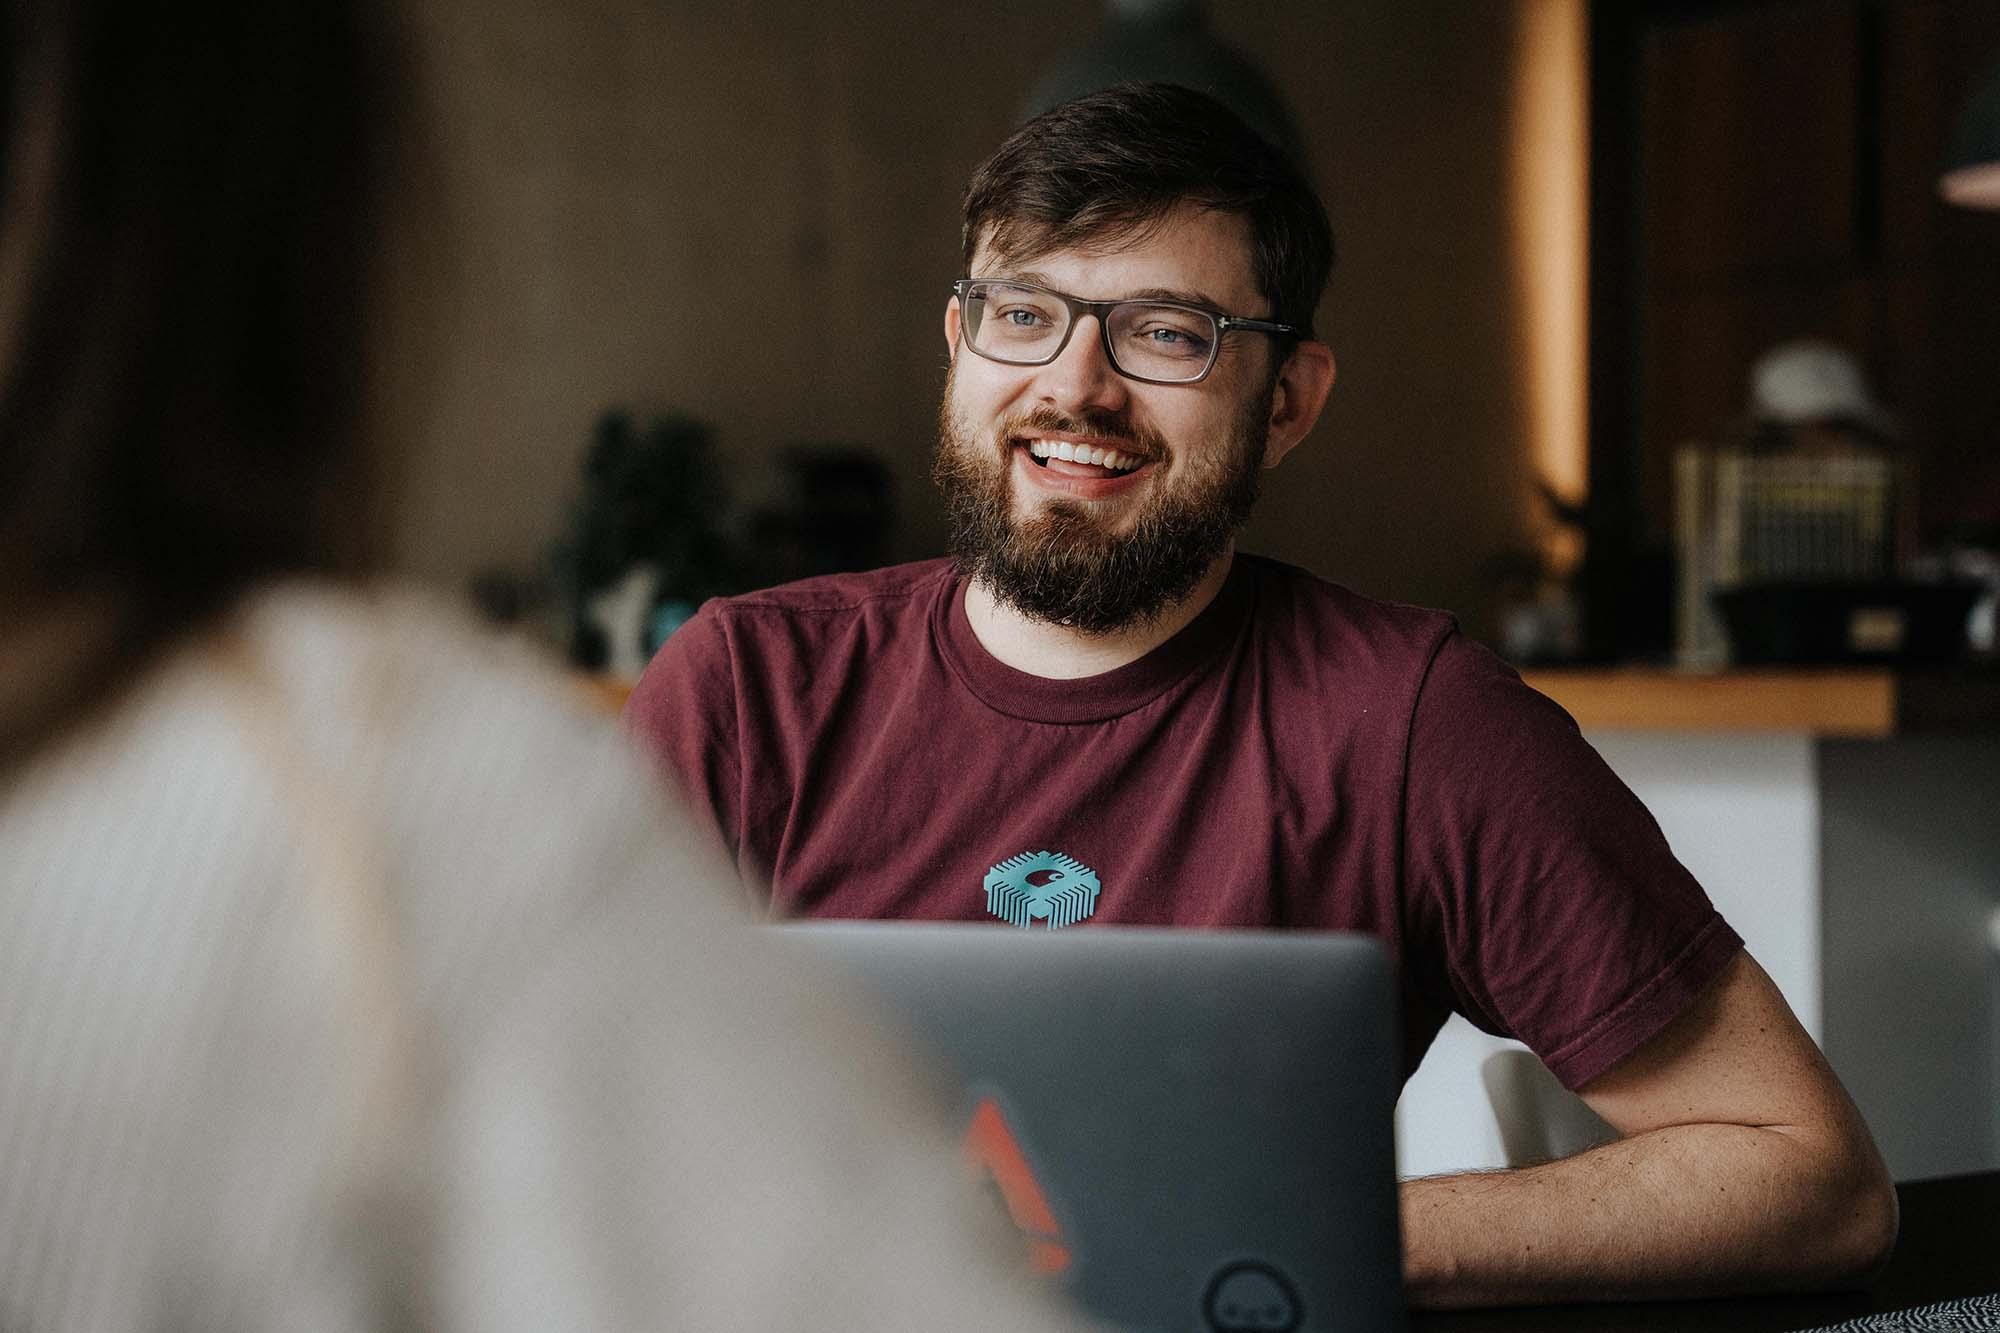 Jonas Jankus - HR Ambient freut sich, der Bewerberin ein Angebot für eine Zusammenarbeit zu machen.